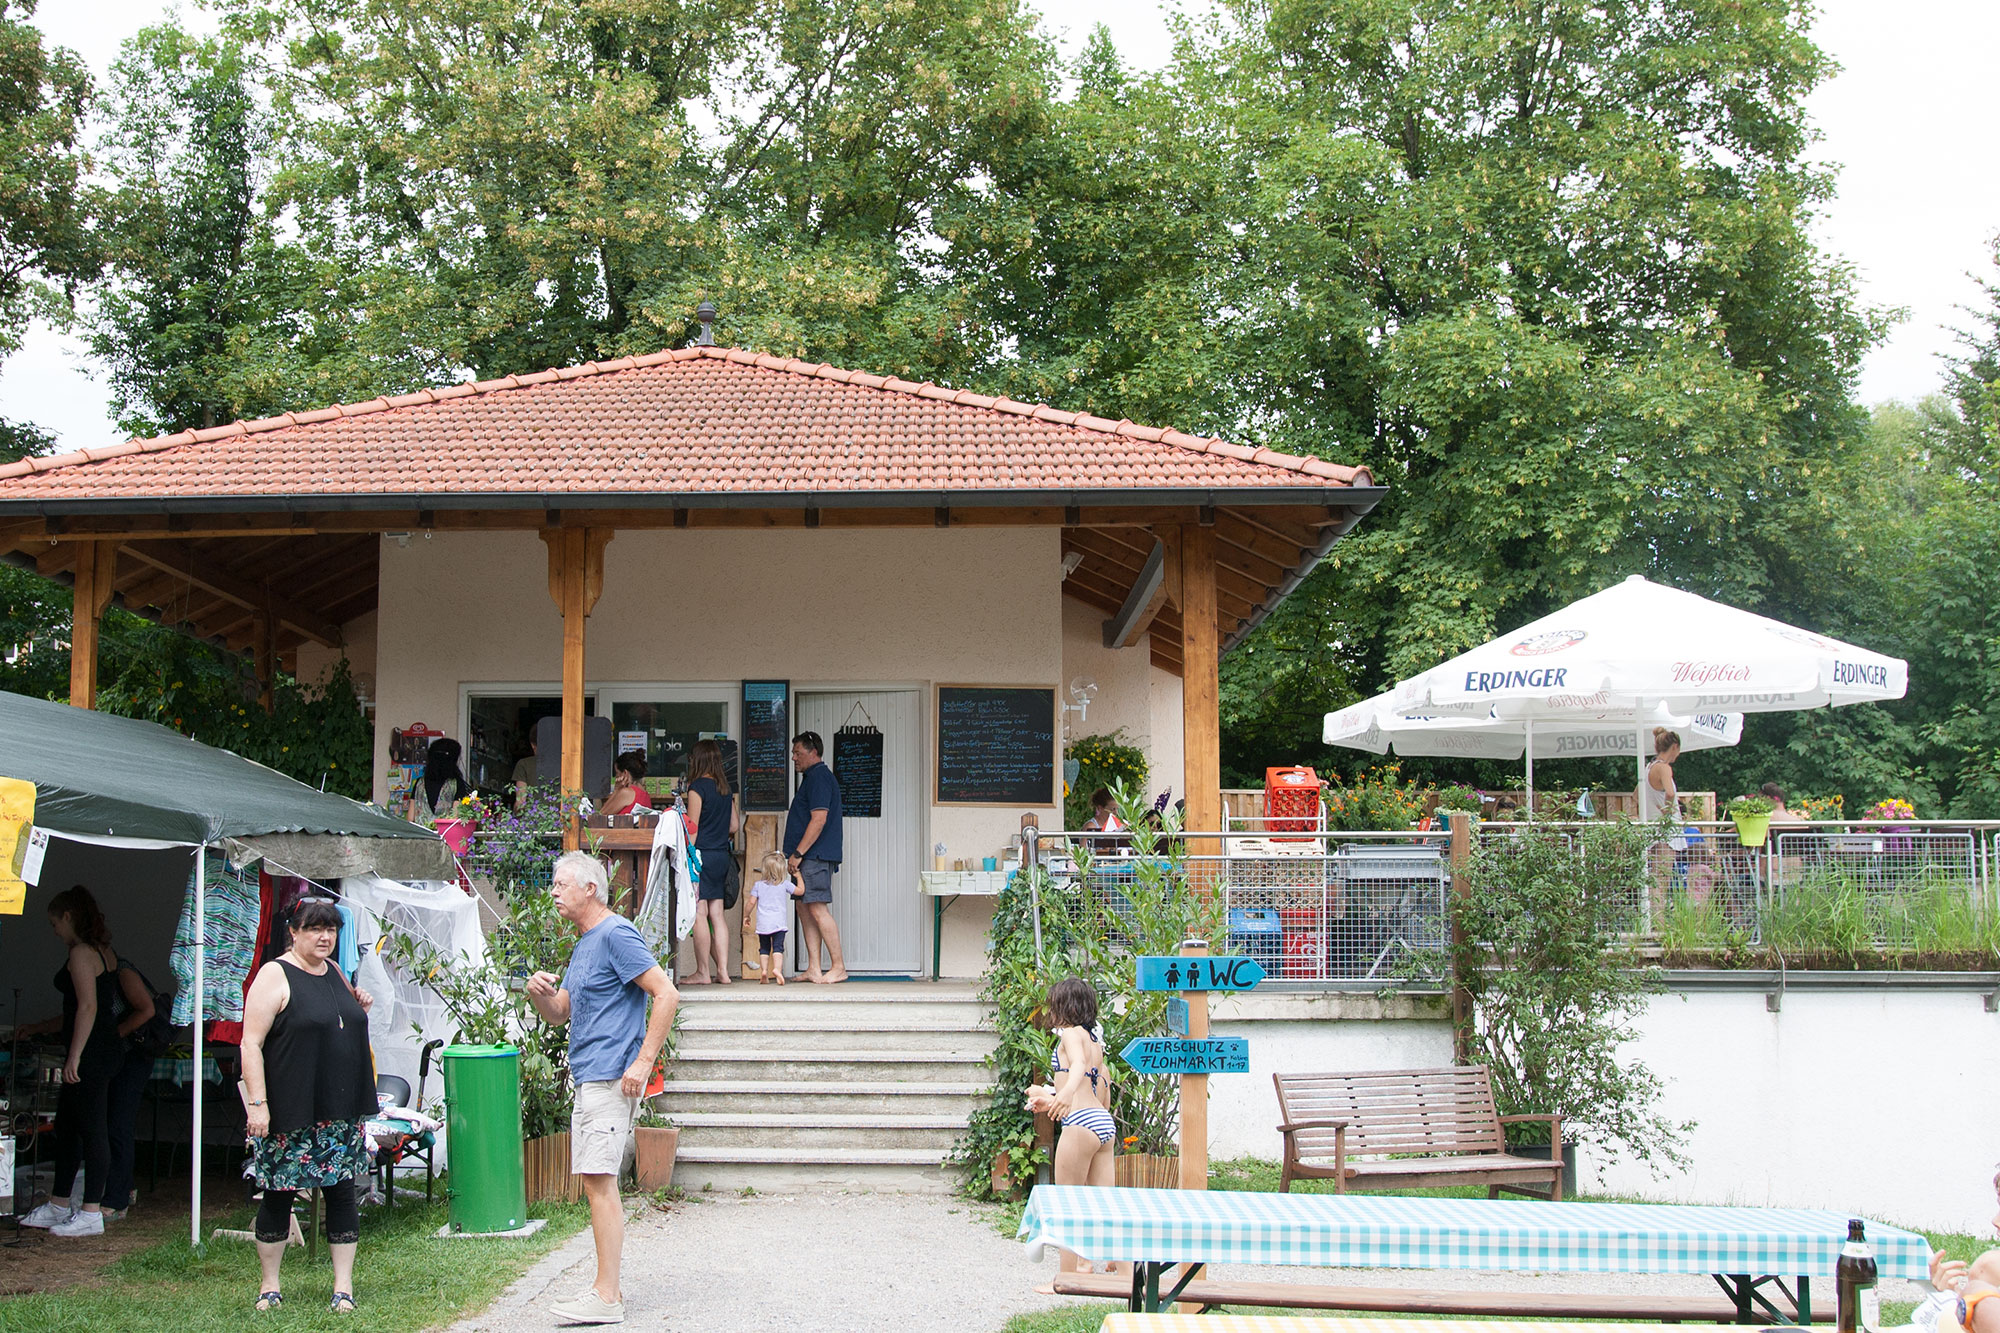 vegan Essen im Strandbad Pilsensee bei München